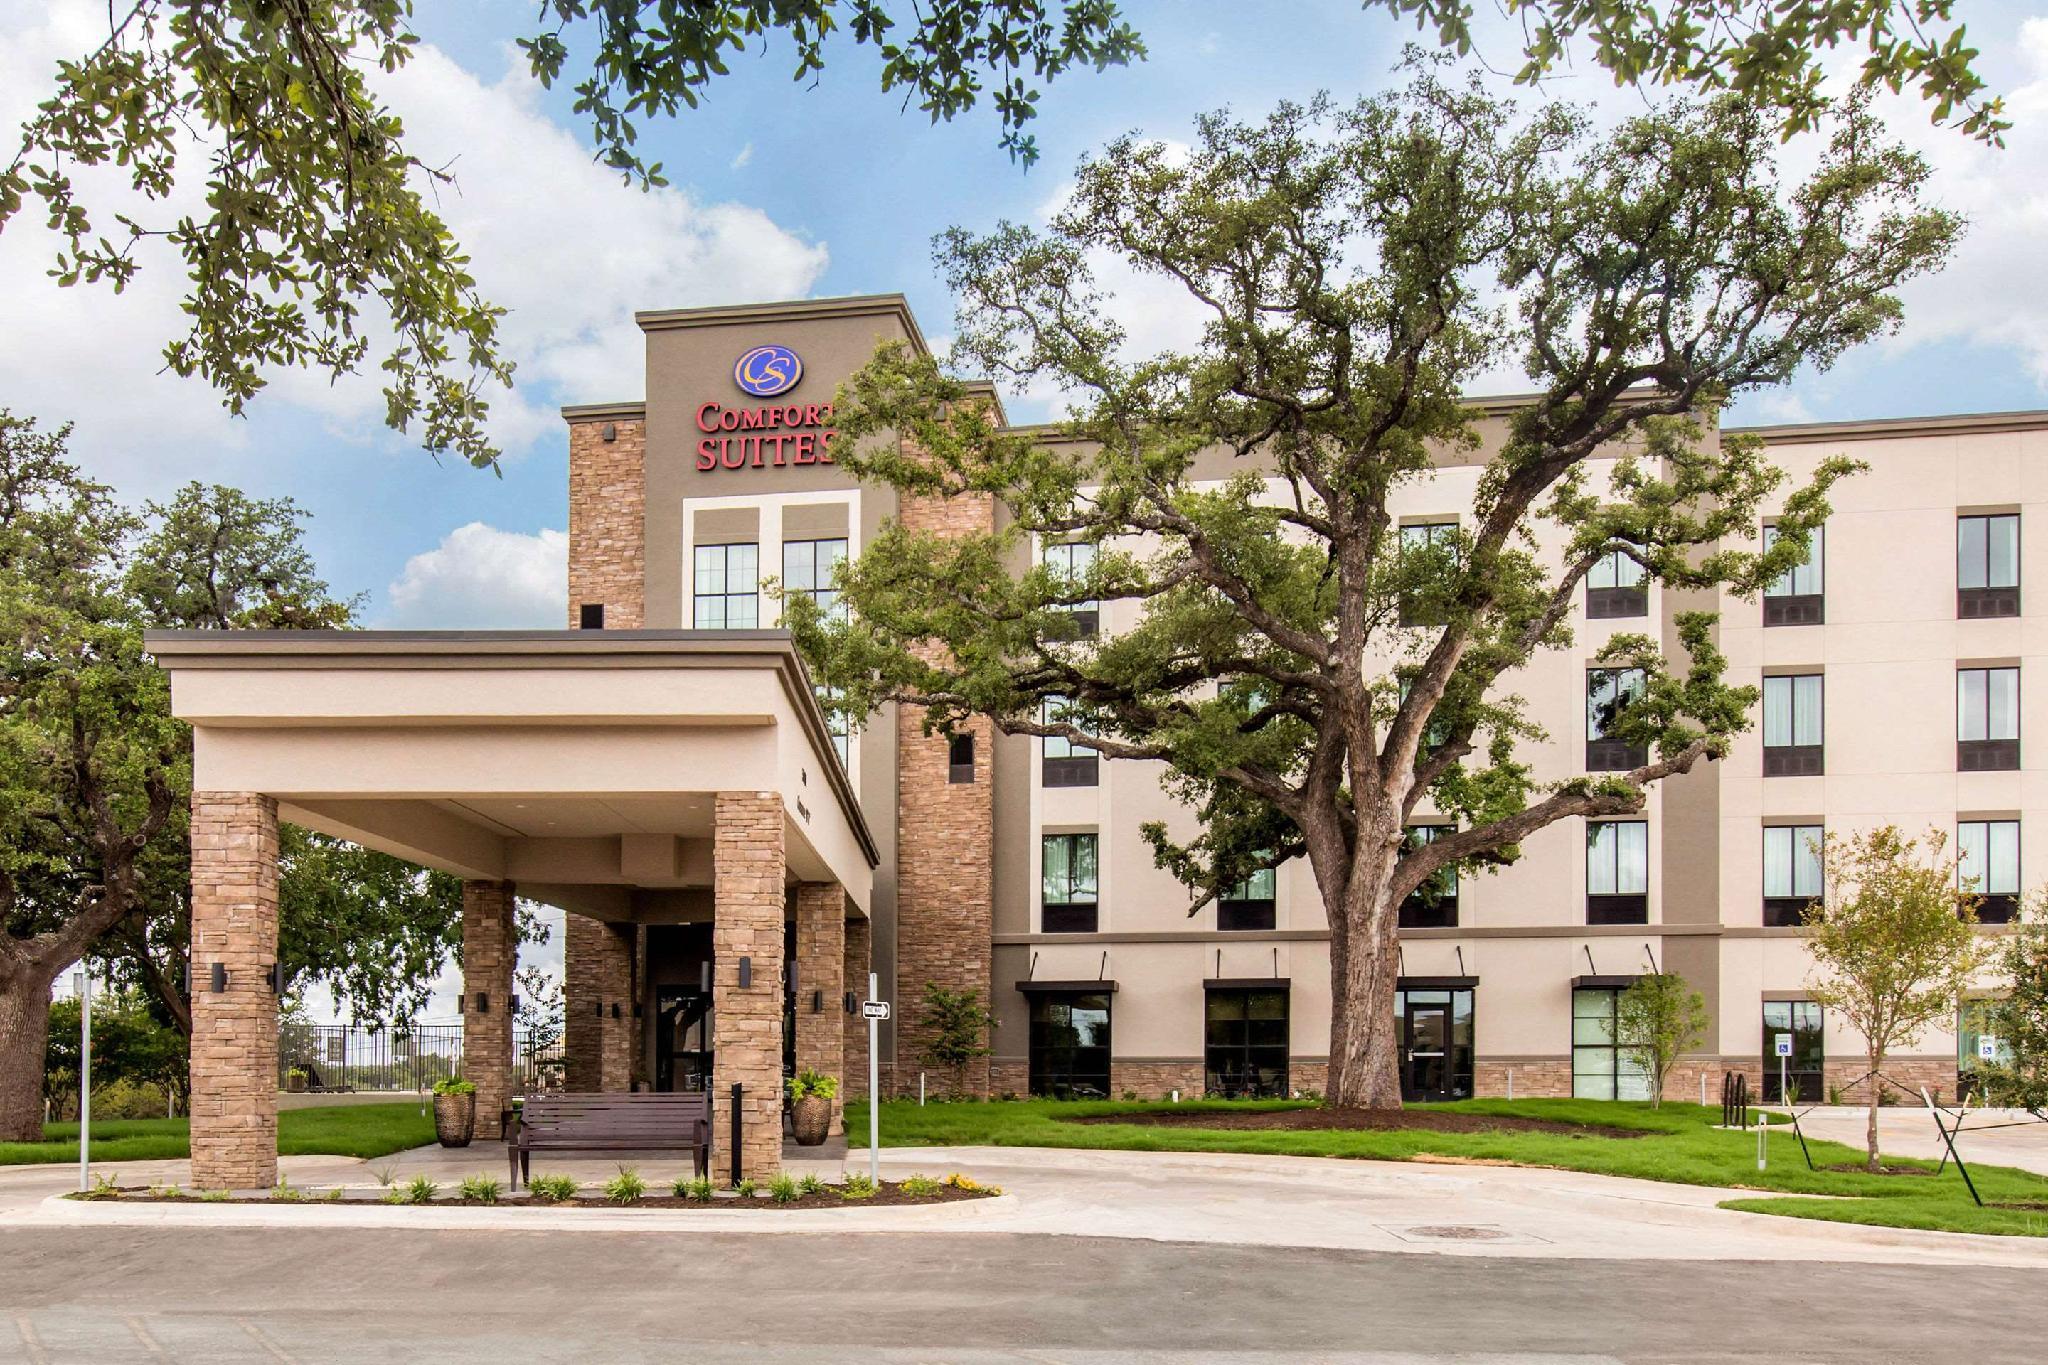 Comfort Suites   South Austin